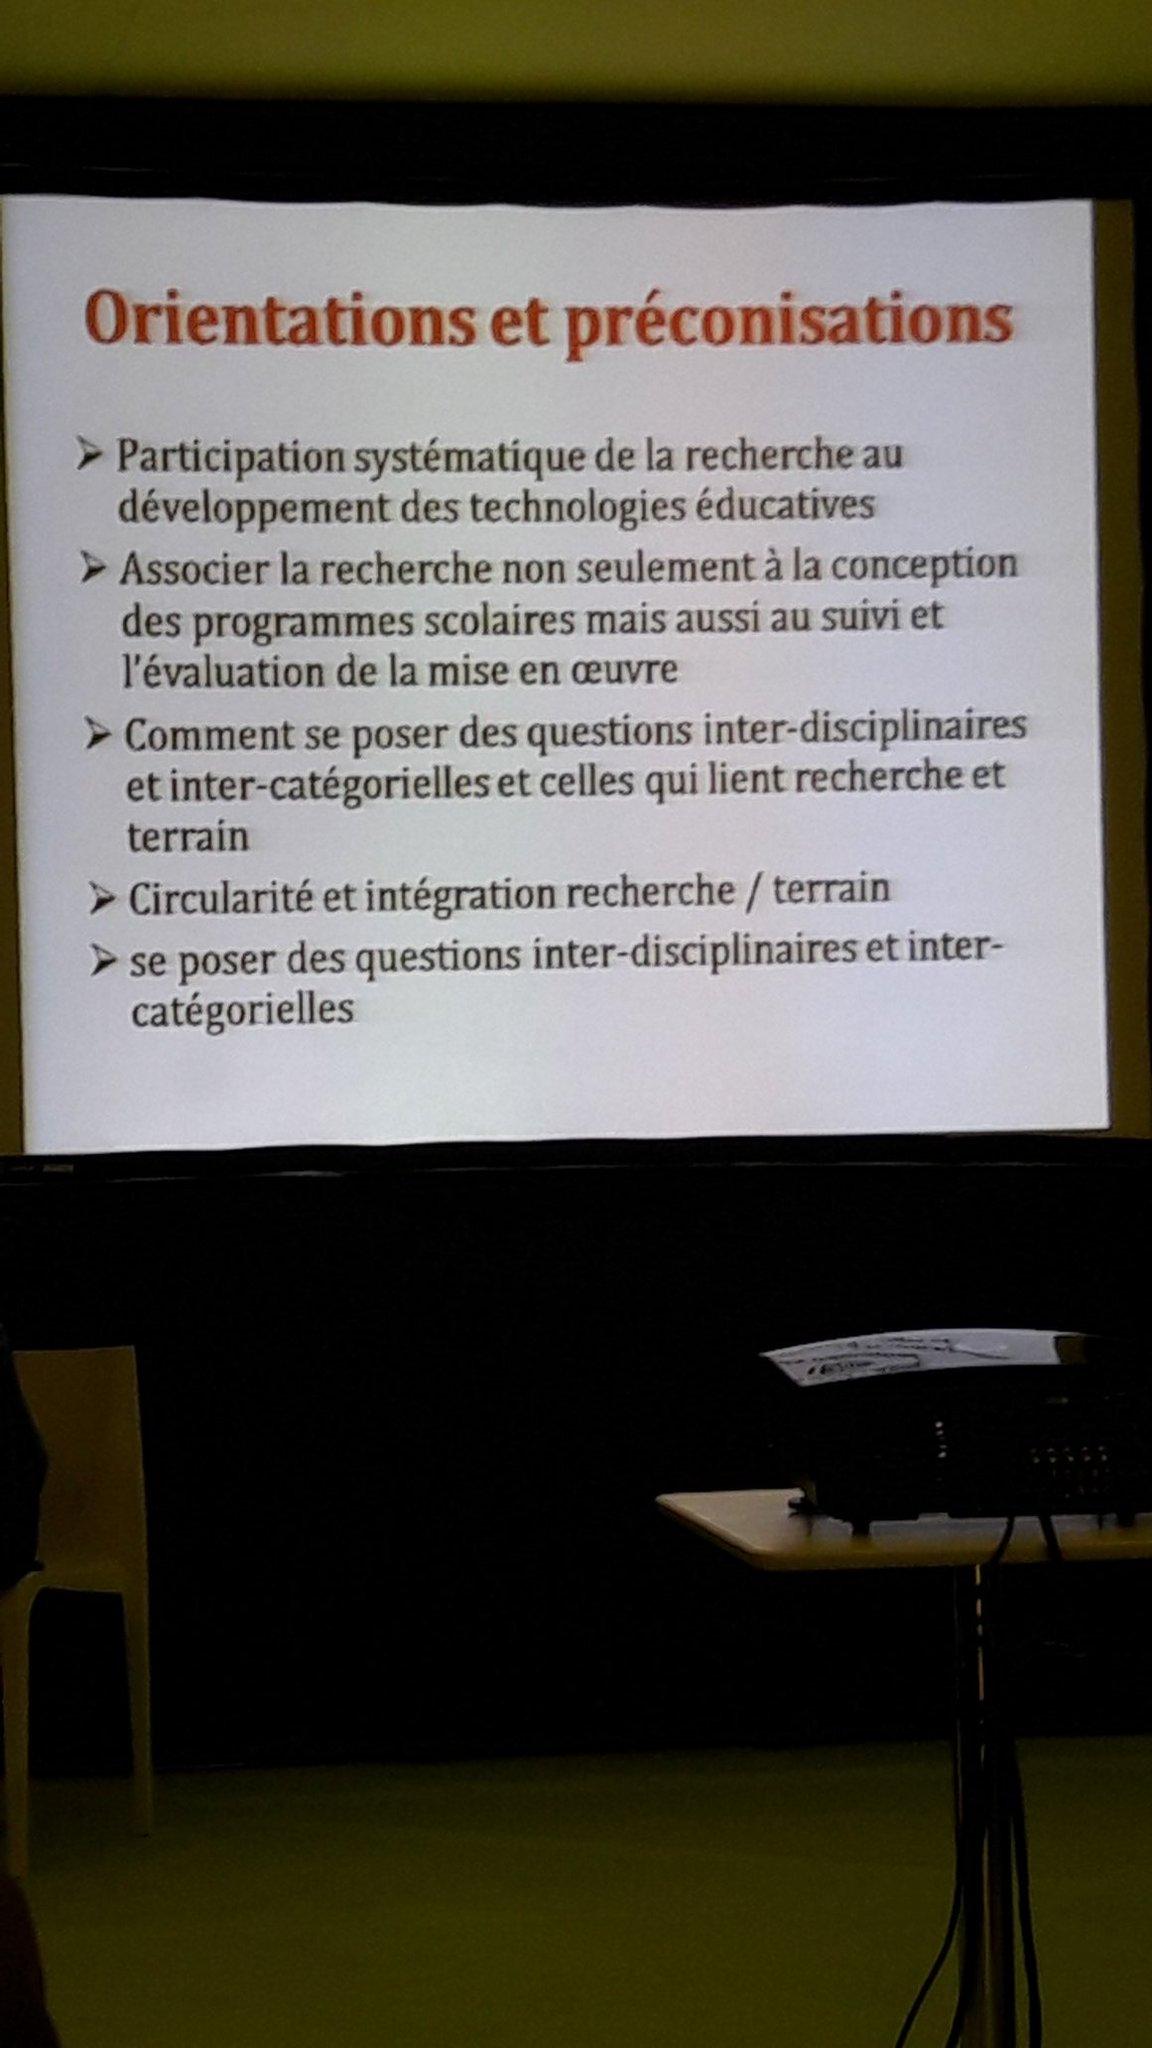 #confdeconsensus #educatectice Orientations et préconisations des experts engagés dans la réflexion sur le #numérique en éducation https://t.co/LYqp3gENoT